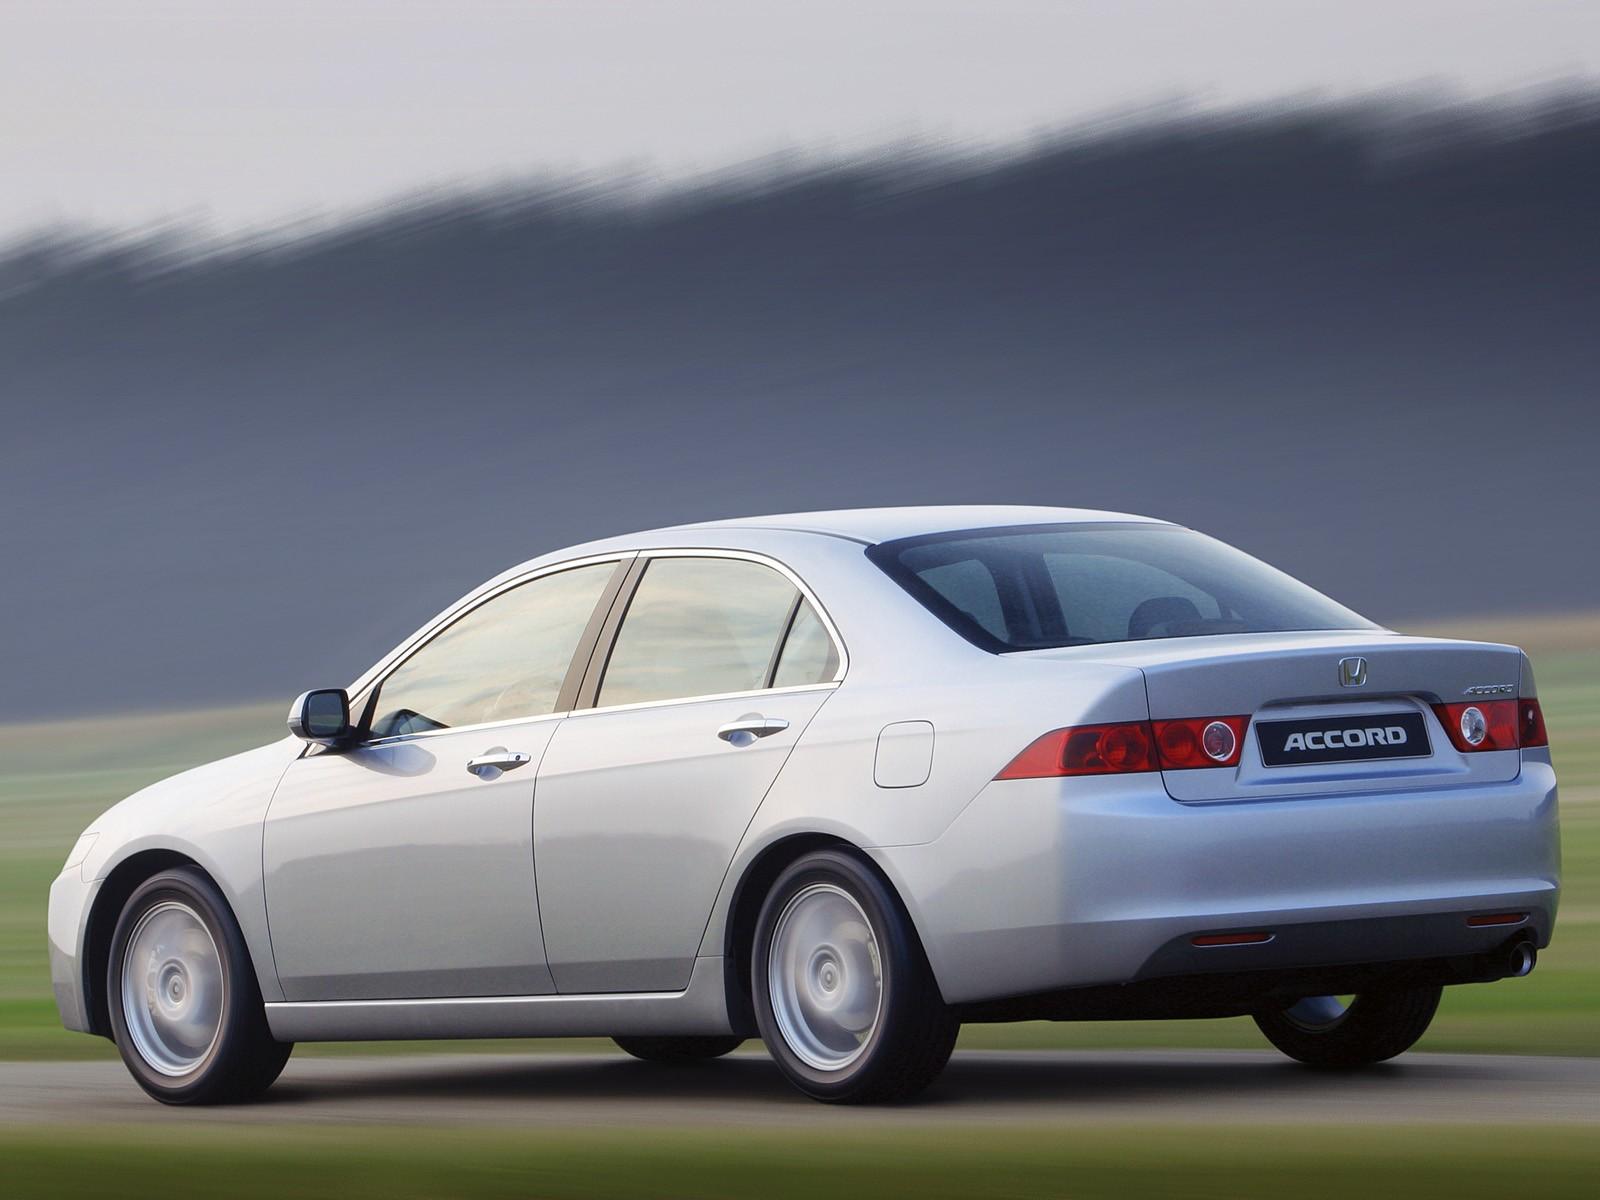 Honda Accord Awd >> HONDA Accord 4 Doors - 2003, 2004, 2005, 2006 - autoevolution